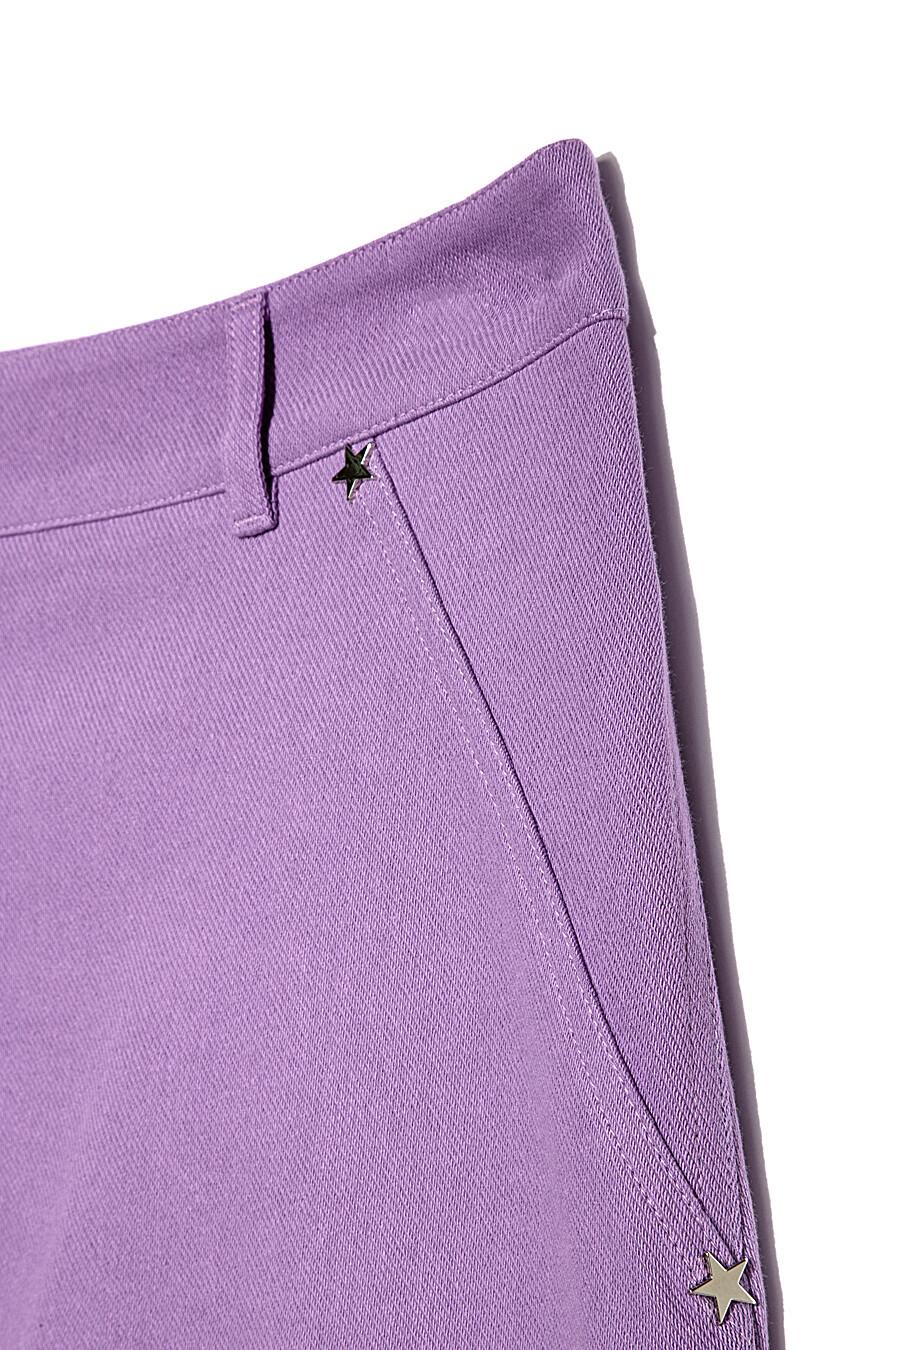 Юбка для женщин CONTE ELEGANT 148664 купить оптом от производителя. Совместная покупка женской одежды в OptMoyo